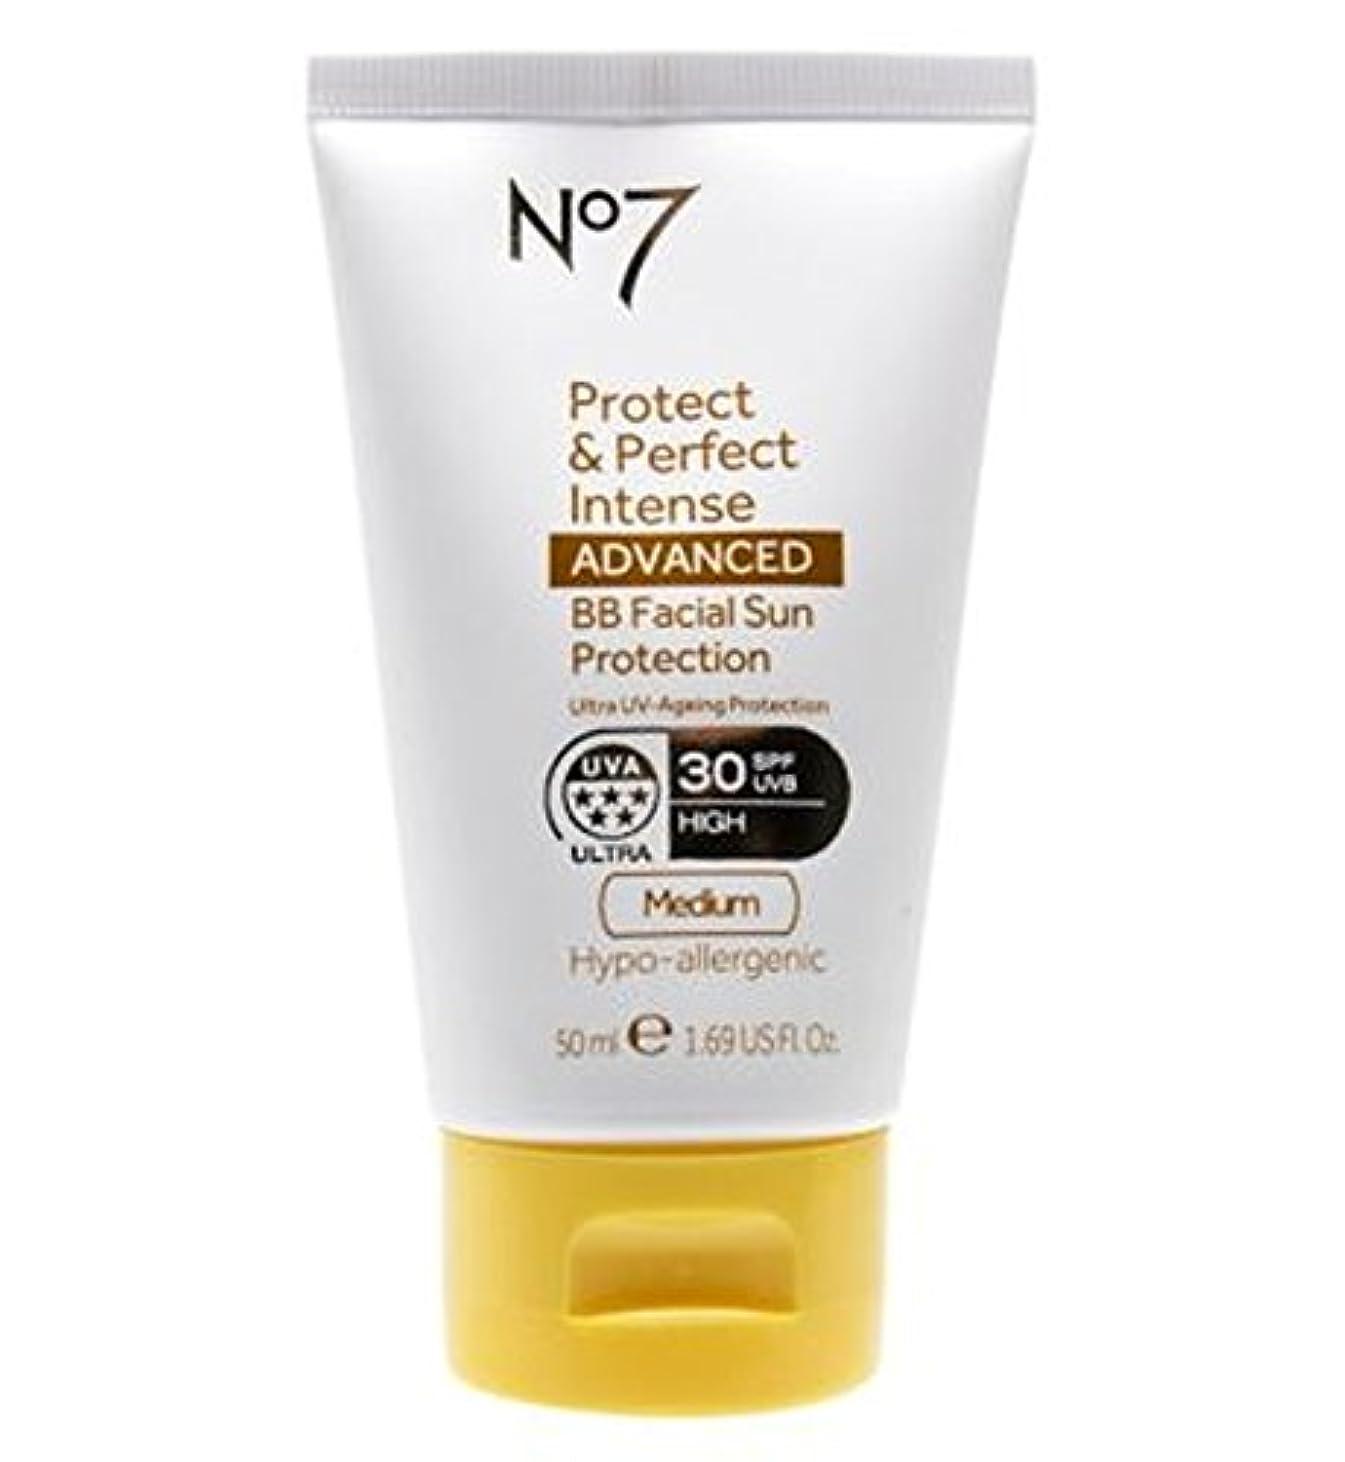 グラス家庭初期No7 Protect & Perfect Intense ADVANCED BB Facial Sun Protection SPF30 Medium 50ml - No7保護&完璧な強烈な先進Bb顔の日焼け防止Spf30...